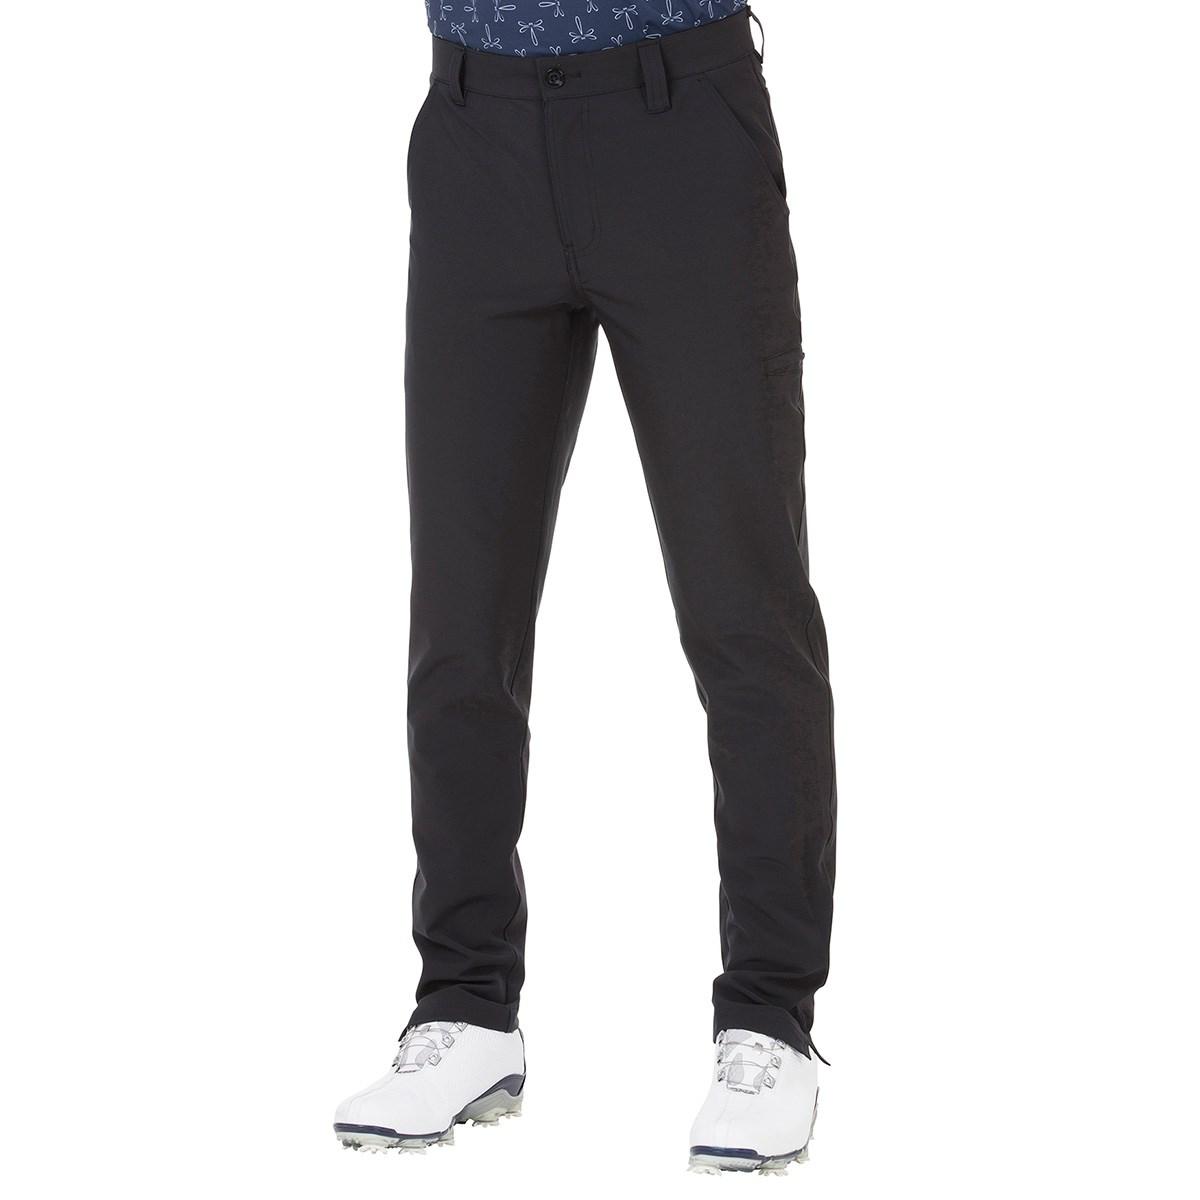 GDO オリジナル GDO ORIGINAL 7ポケットゴルフパンツ 股下82cm 2:ウエスト目安78-80 ブラック